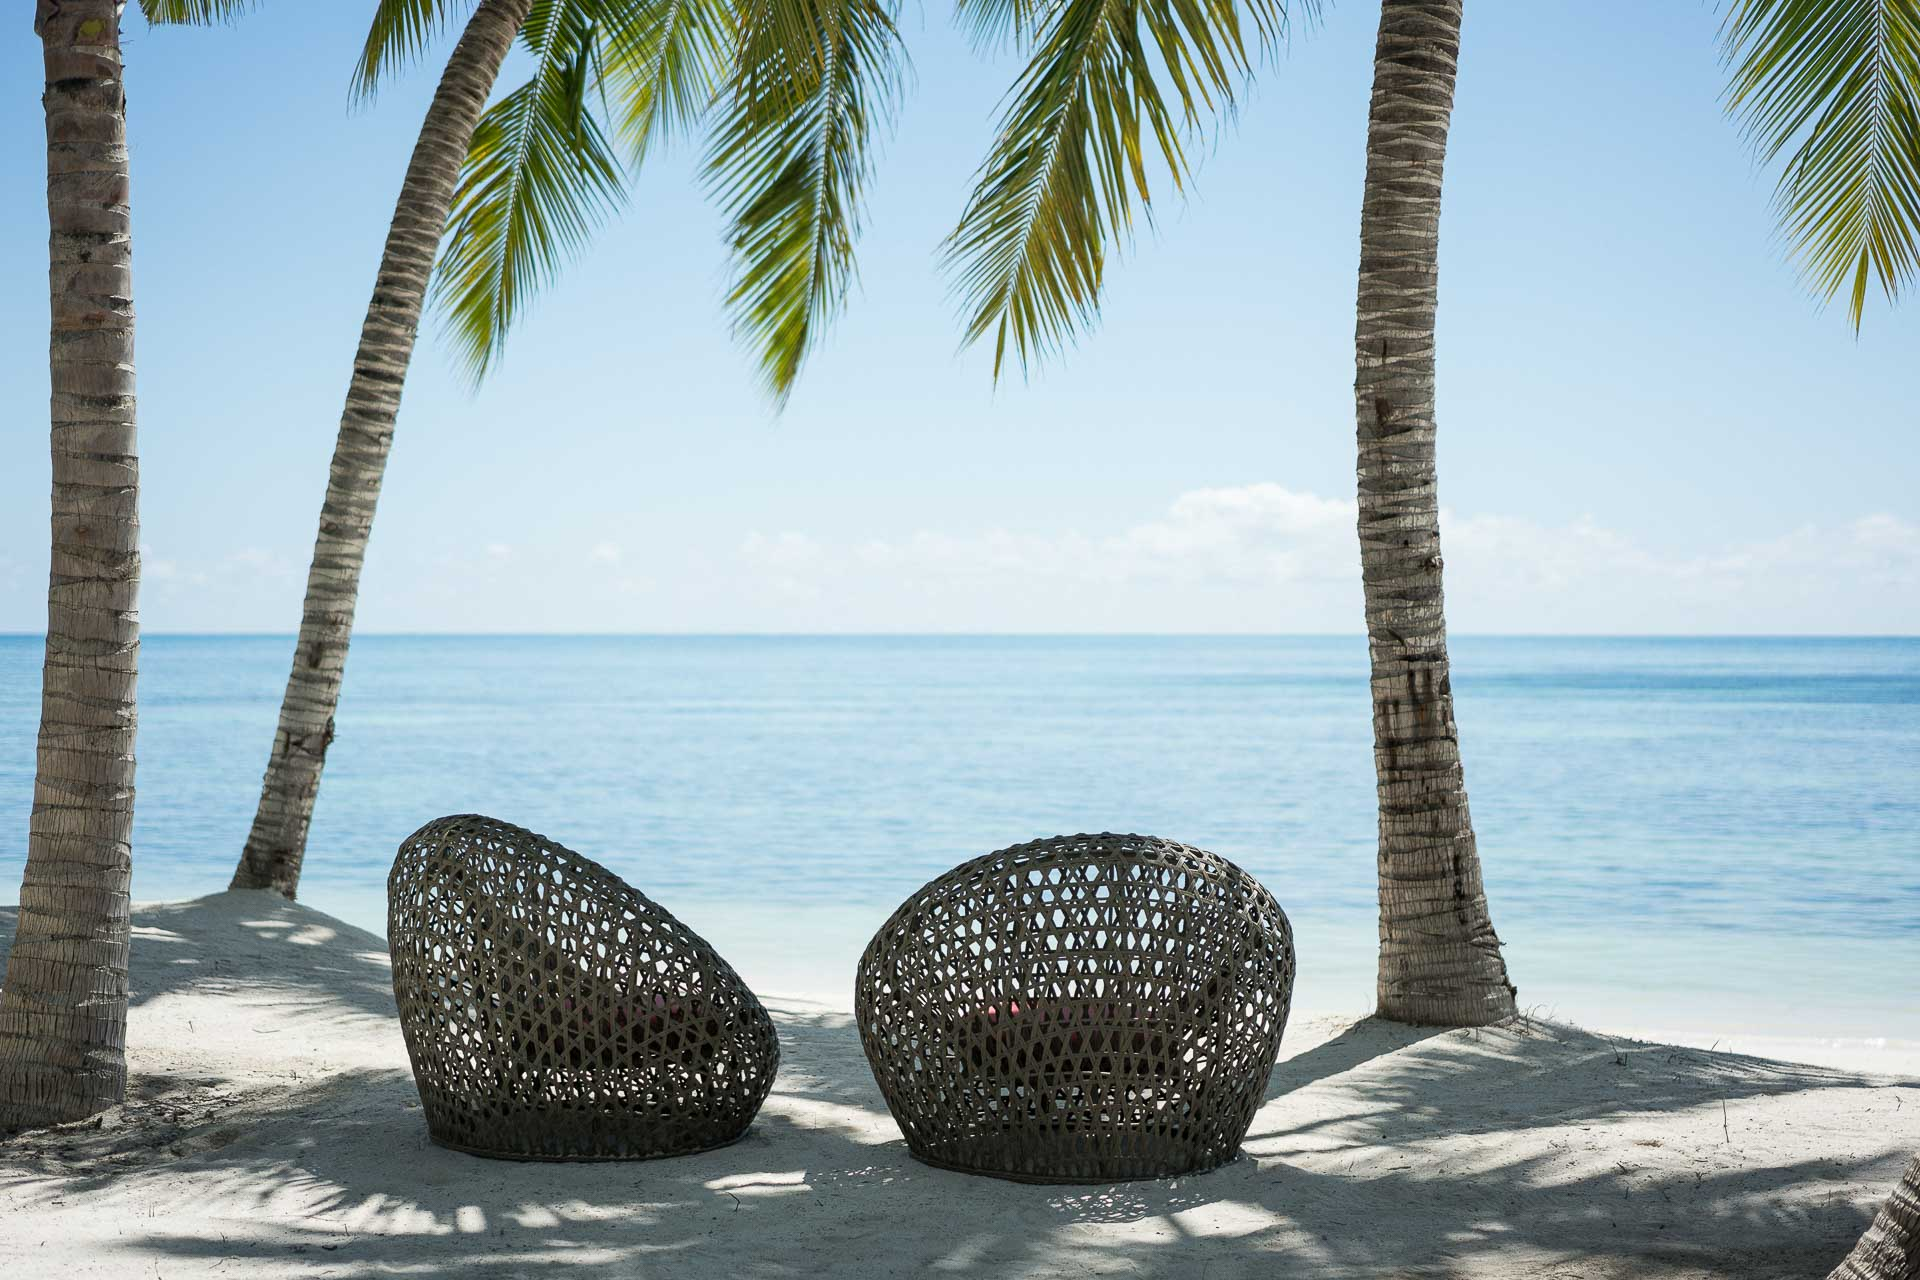 Avec ses 14 kilomètres de plages de sable blanc, ce paradis tropical de 402 hectares est l'une des villégiatures les plus exclusives de l'Océan Indien